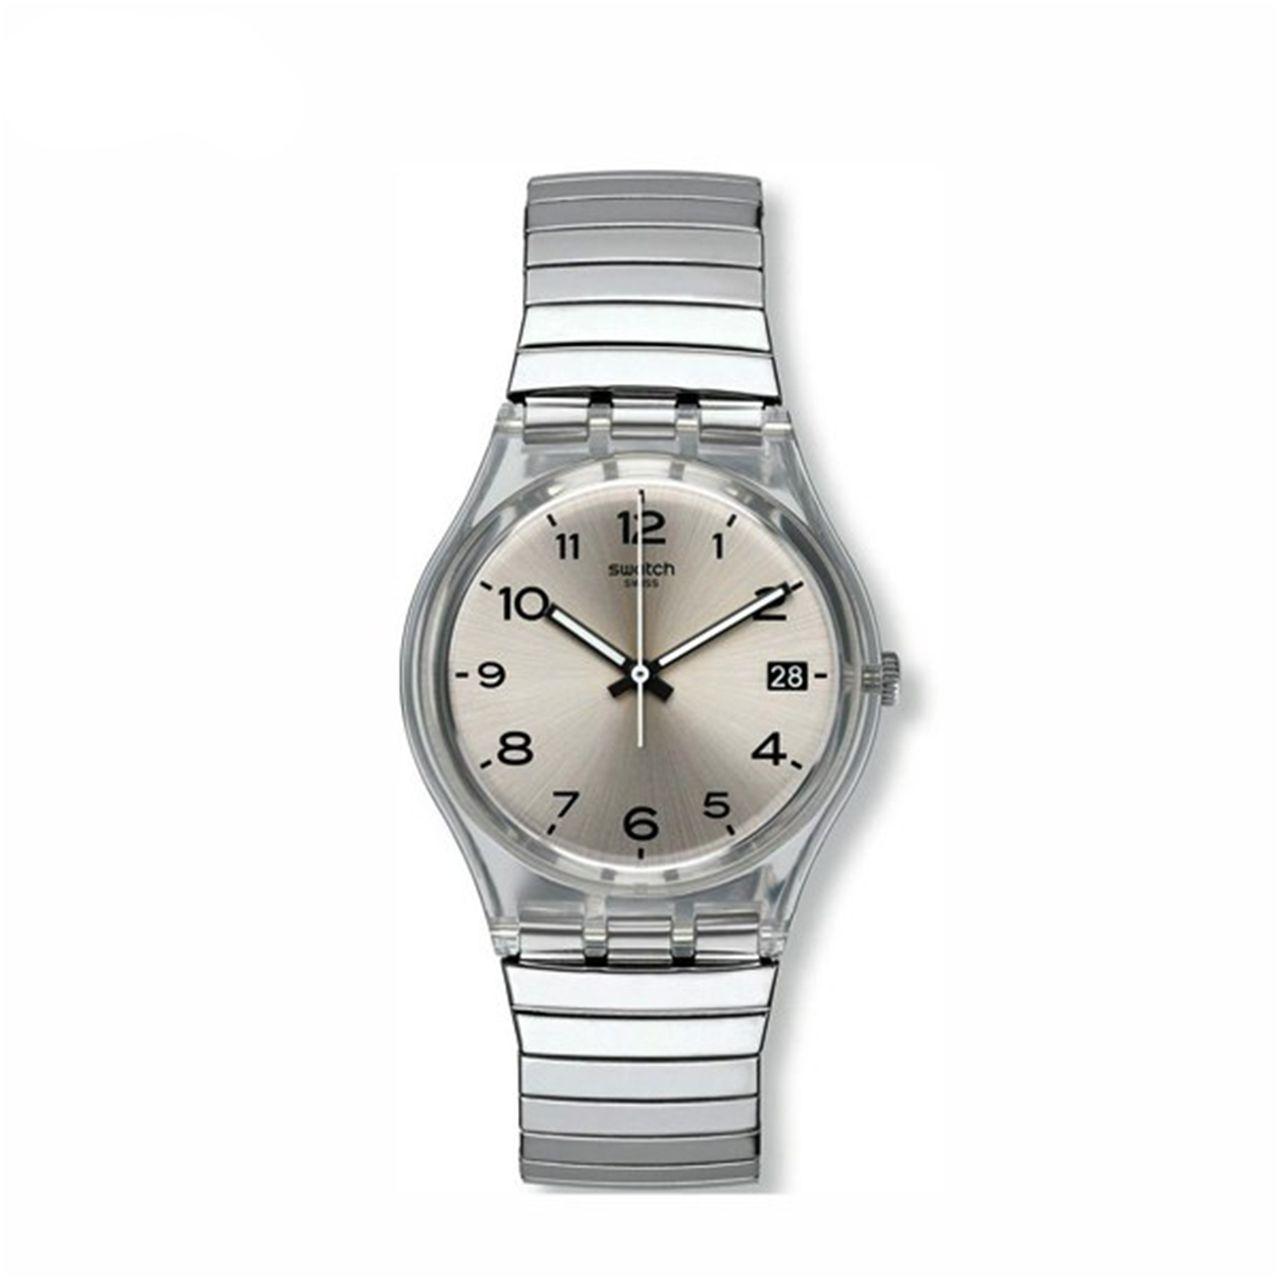 ساعت مچی عقربه ای سواچ مدل GM416A -  - 3